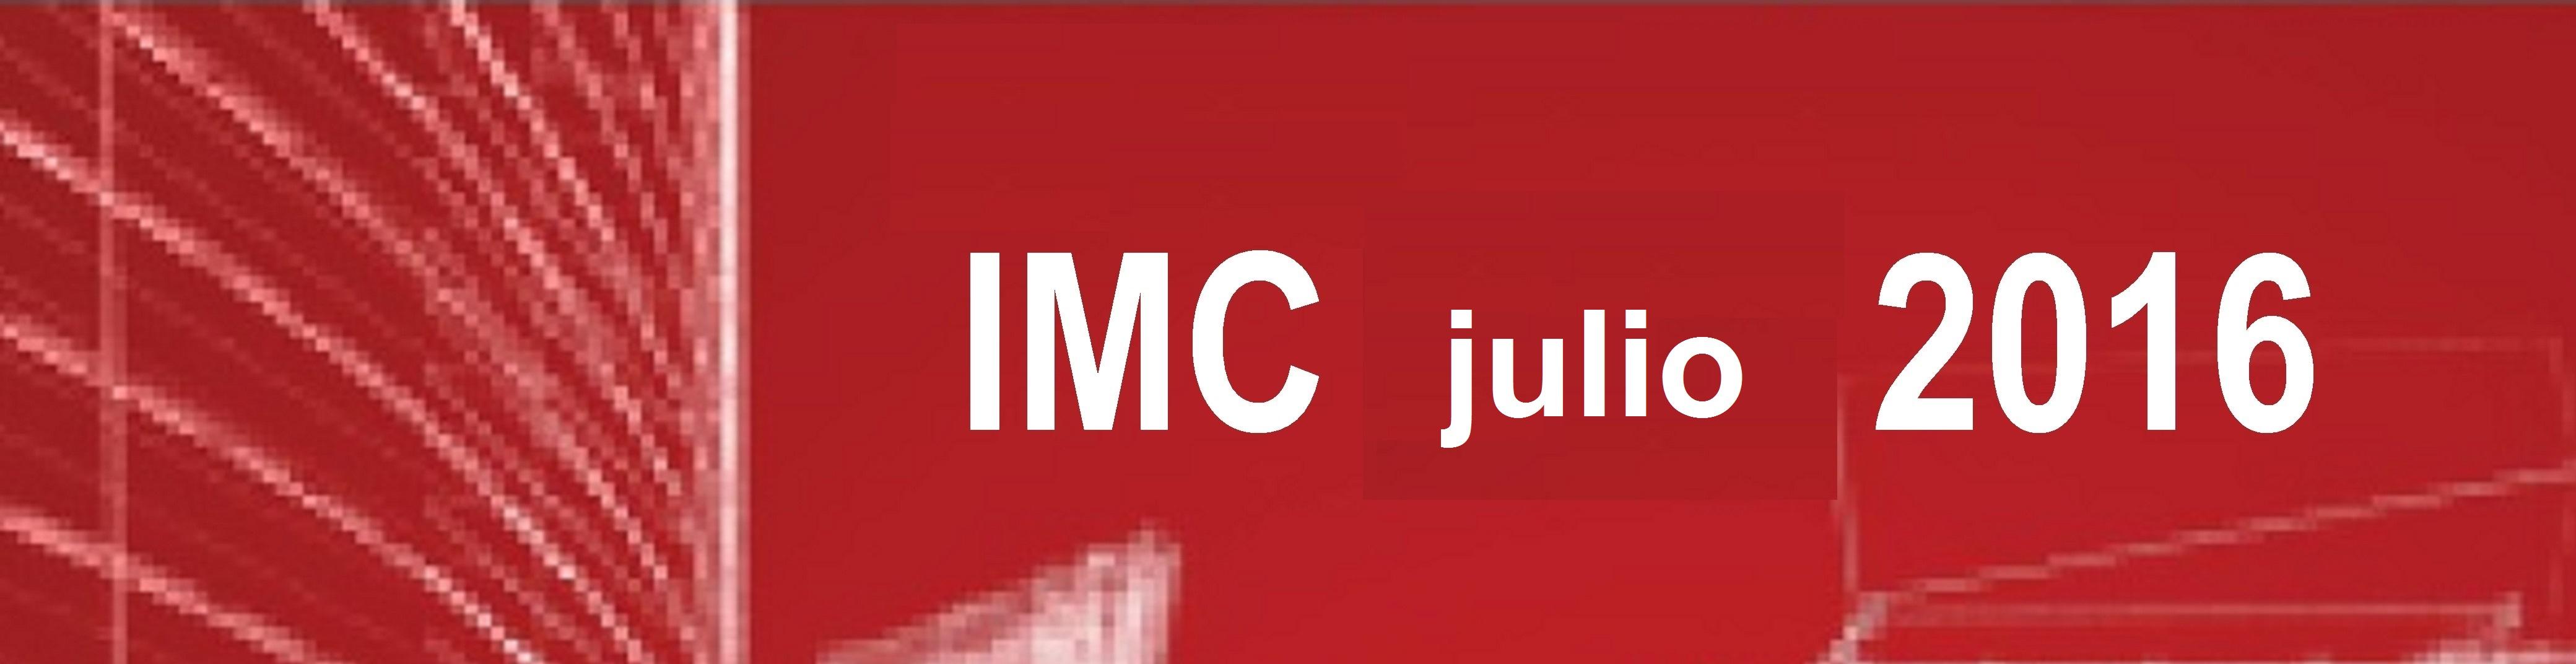 Indice de Precios de Materiales de Construccion - Julio 2016